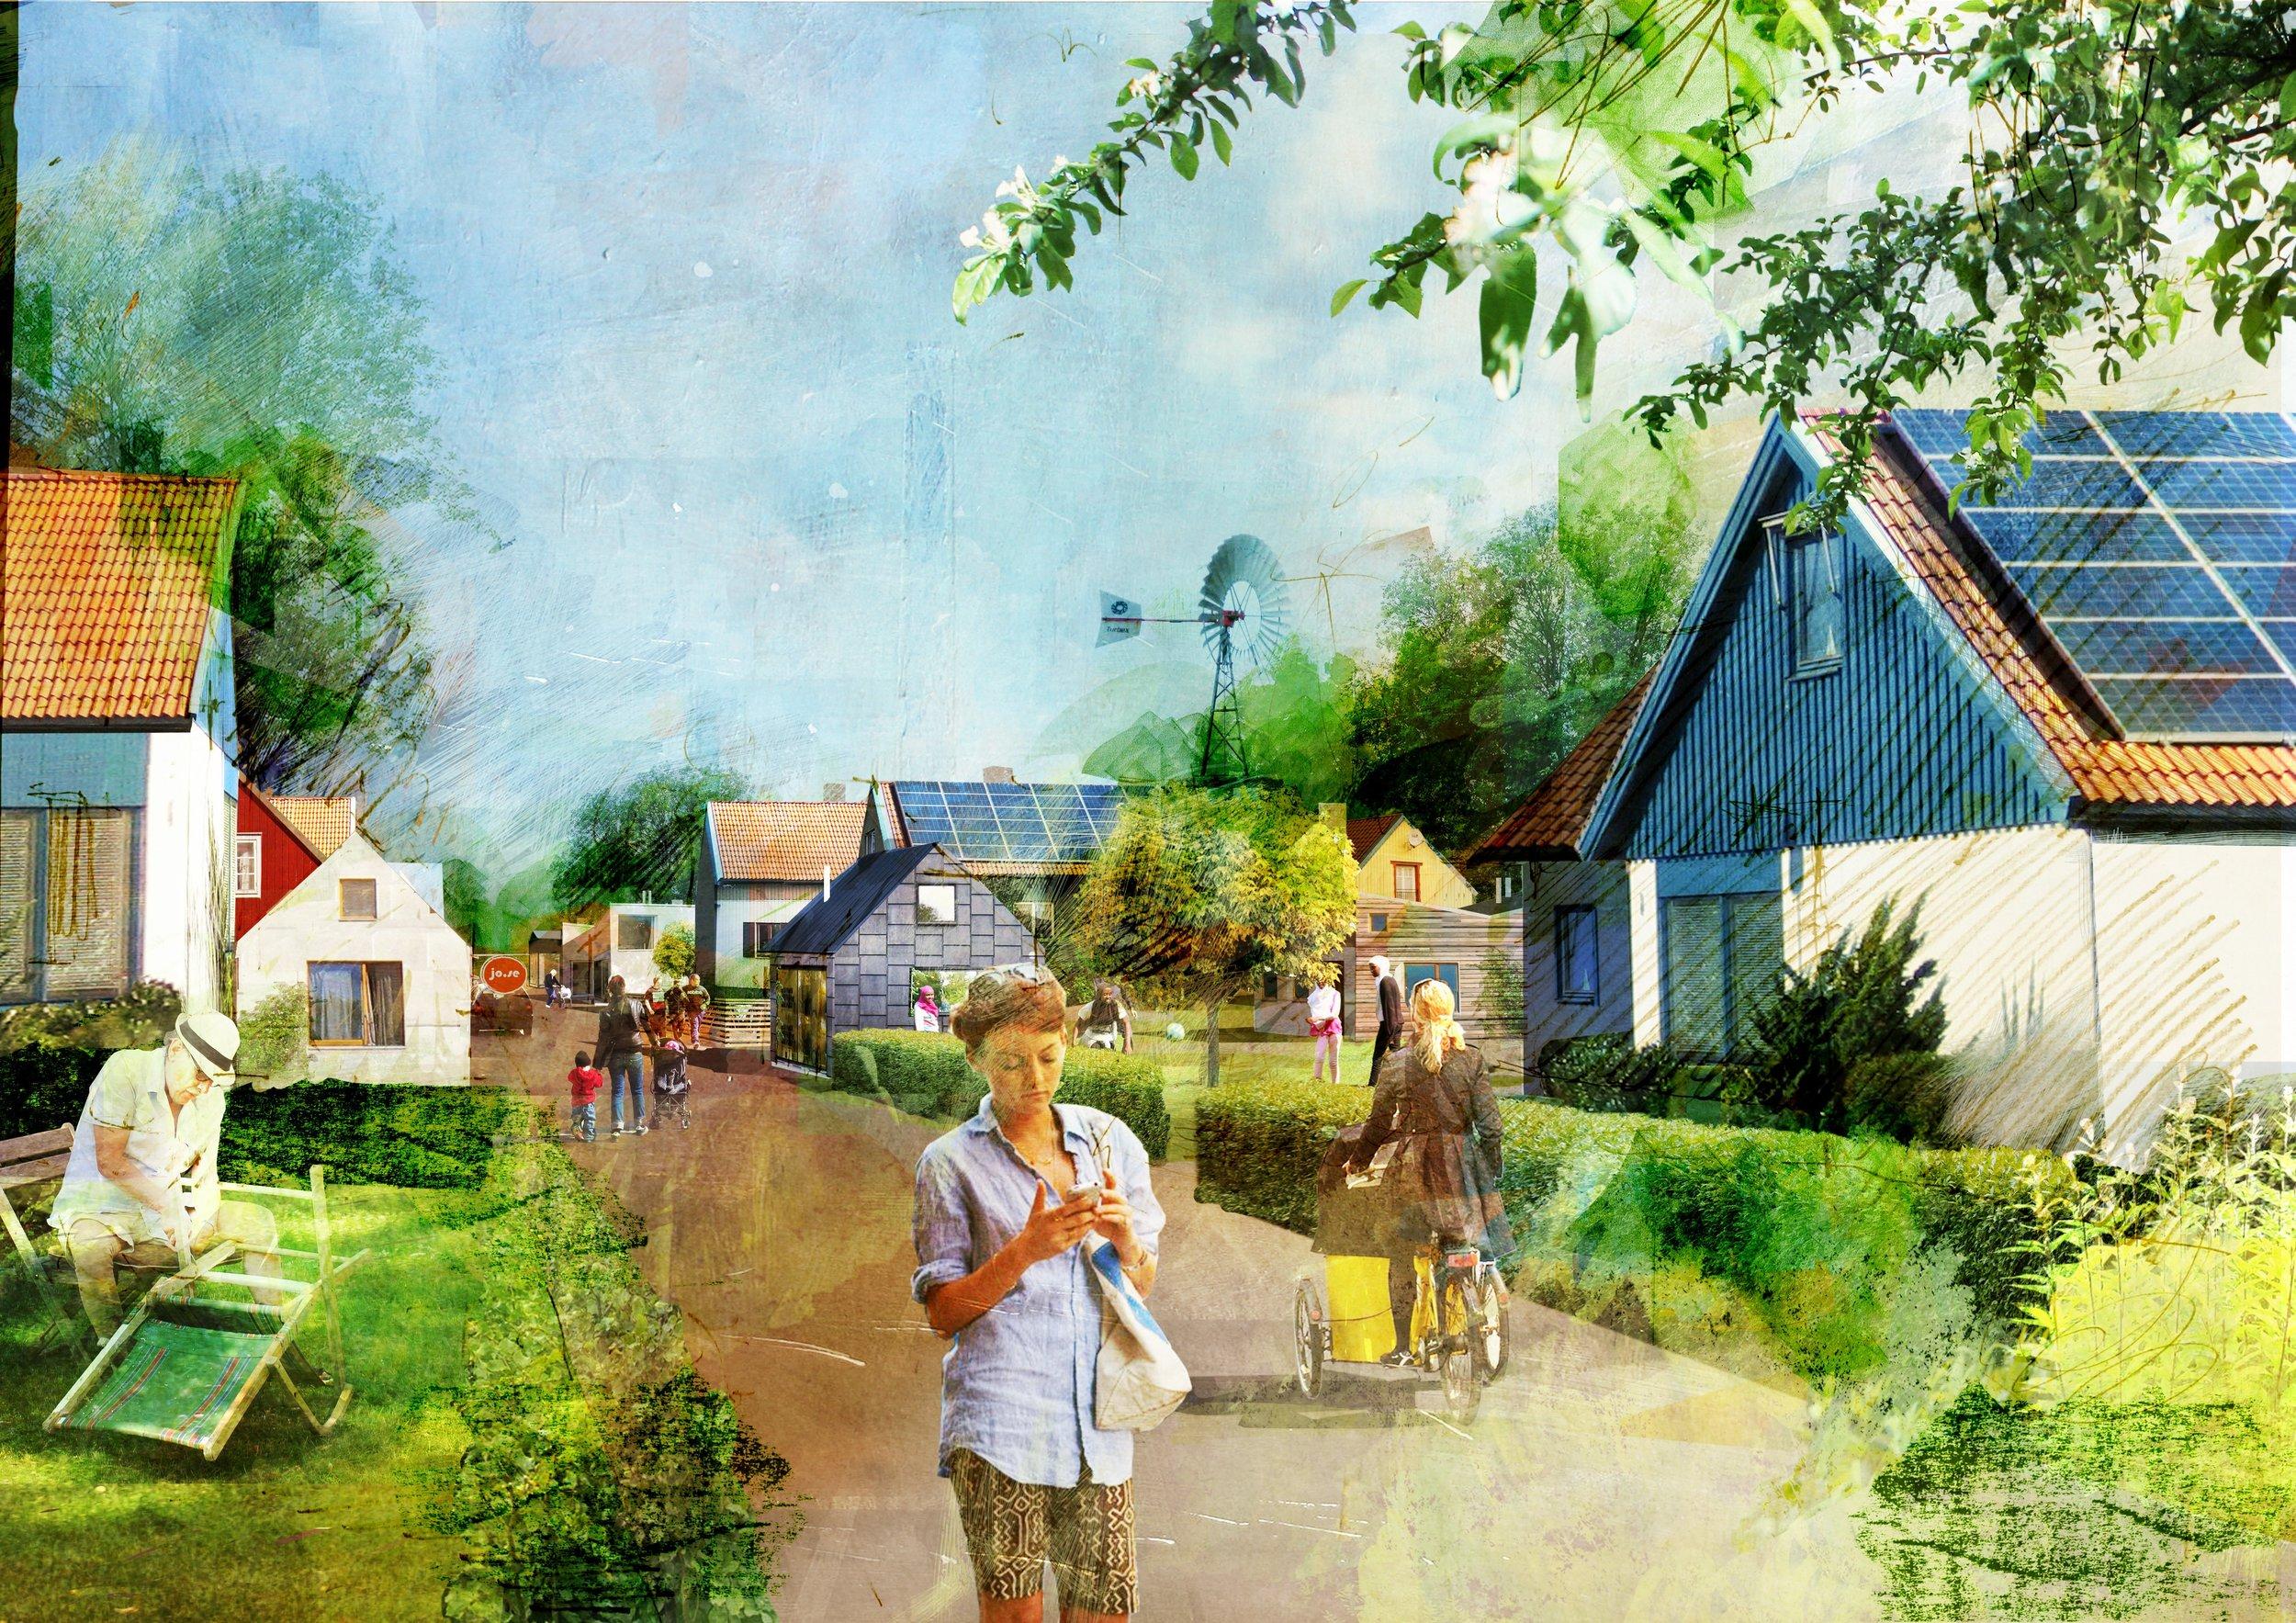 En möjlig framtid i villastaden där utveckling sker gradvis över tid. Bild: David Wiberg.